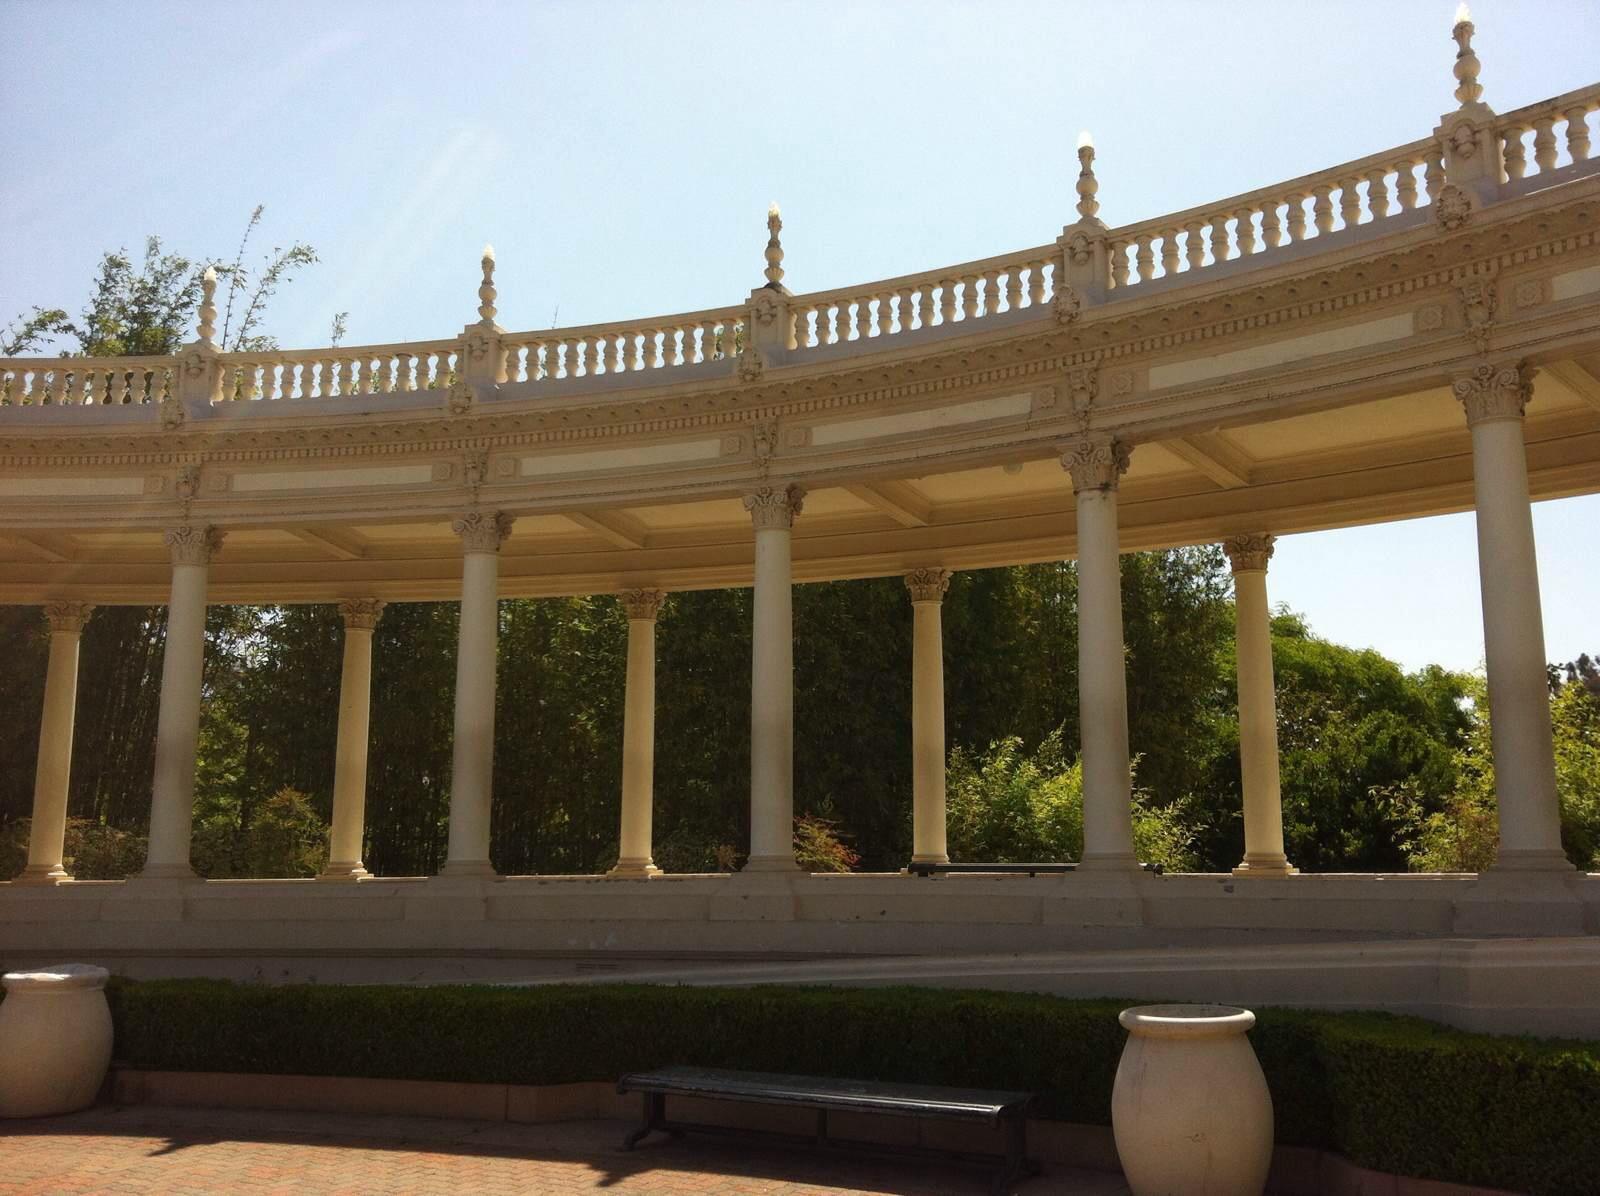 我们非常喜欢一栋栋建筑外墙精美立体的雕刻,拱形长廊,马赛克的圆顶图片